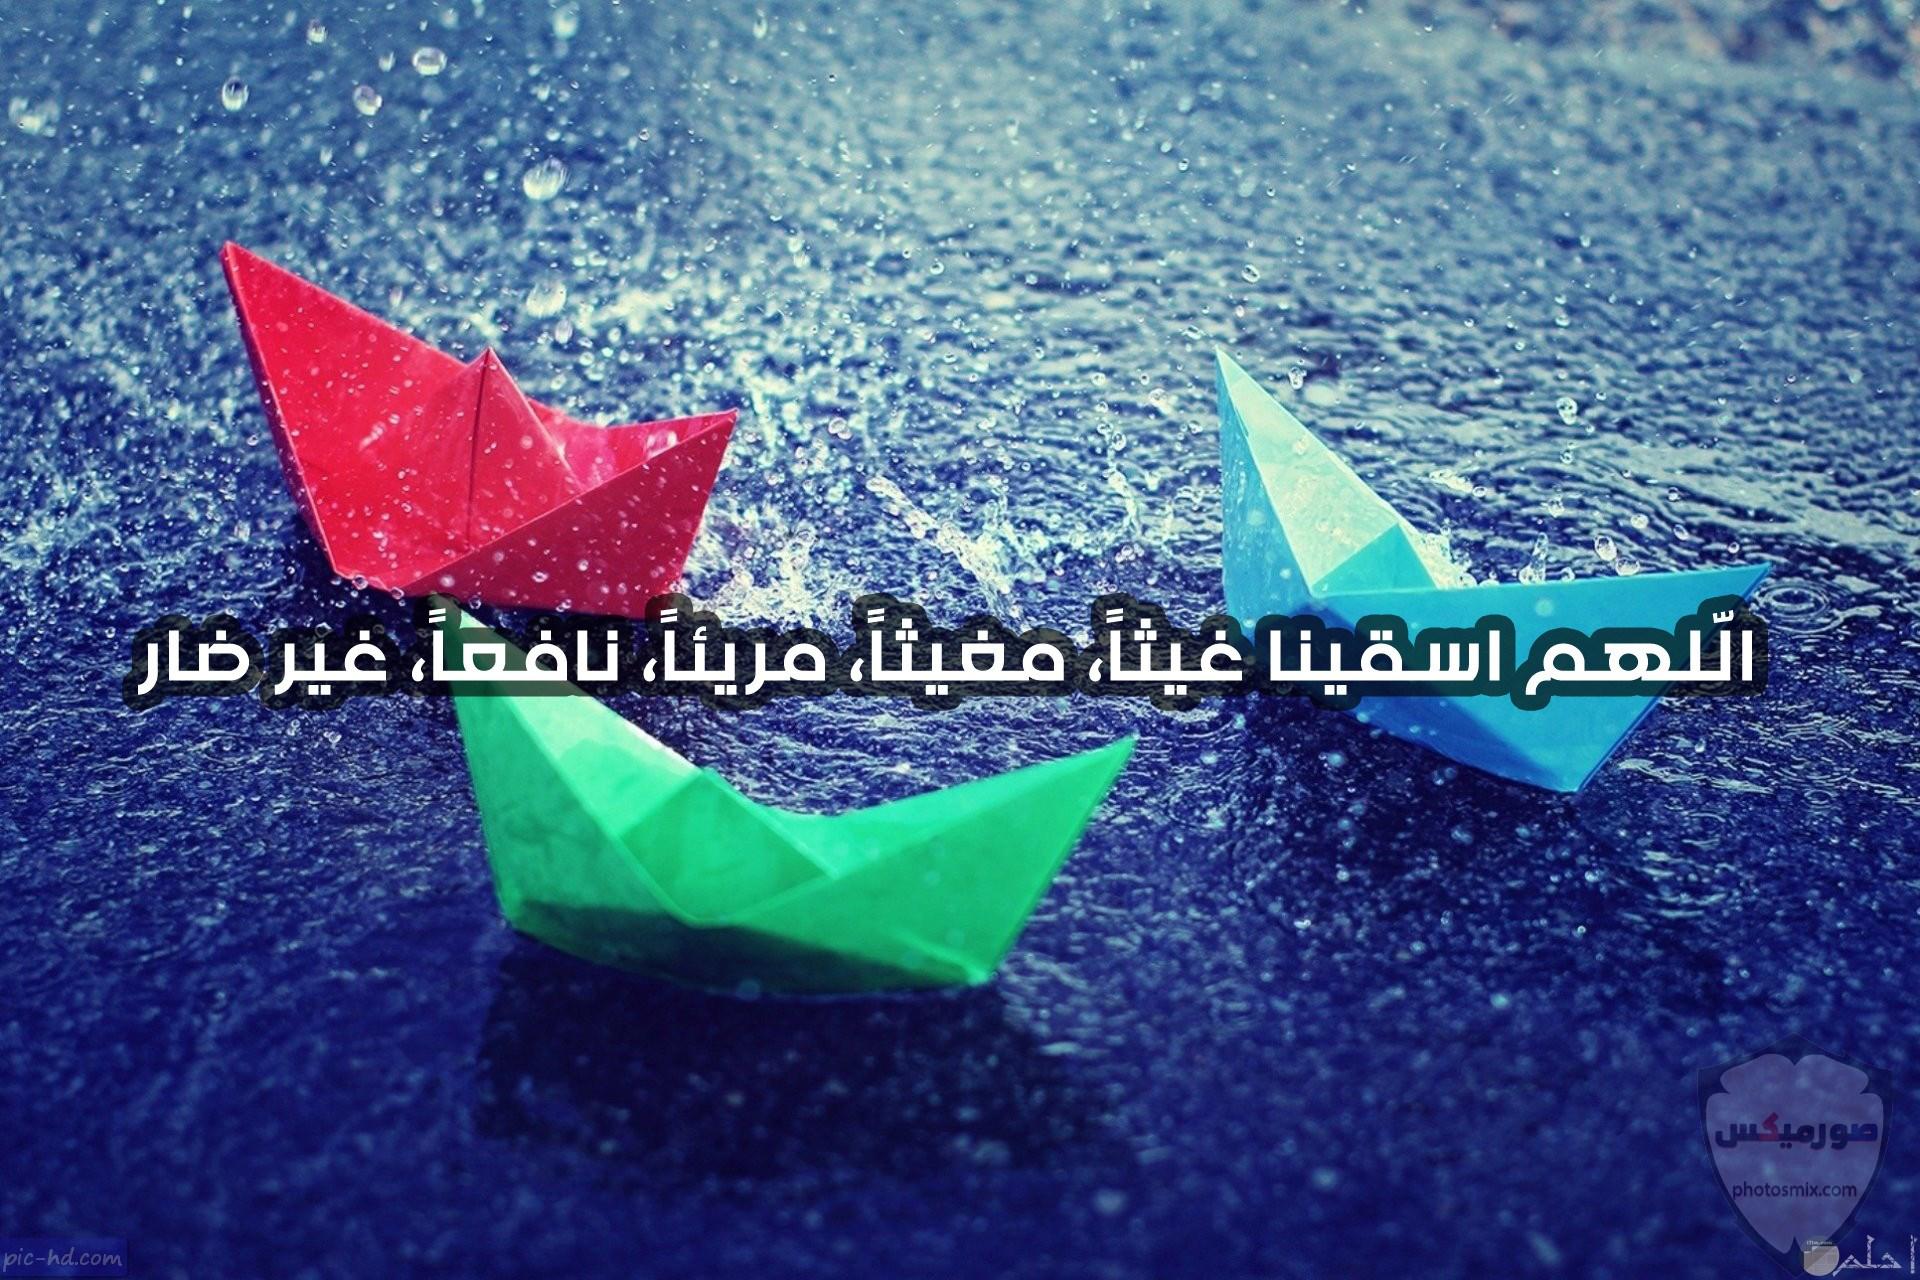 صور مطر جميلة اجمل خلفيات قطرات المطر ادعية عن الامطار والشتاء 9